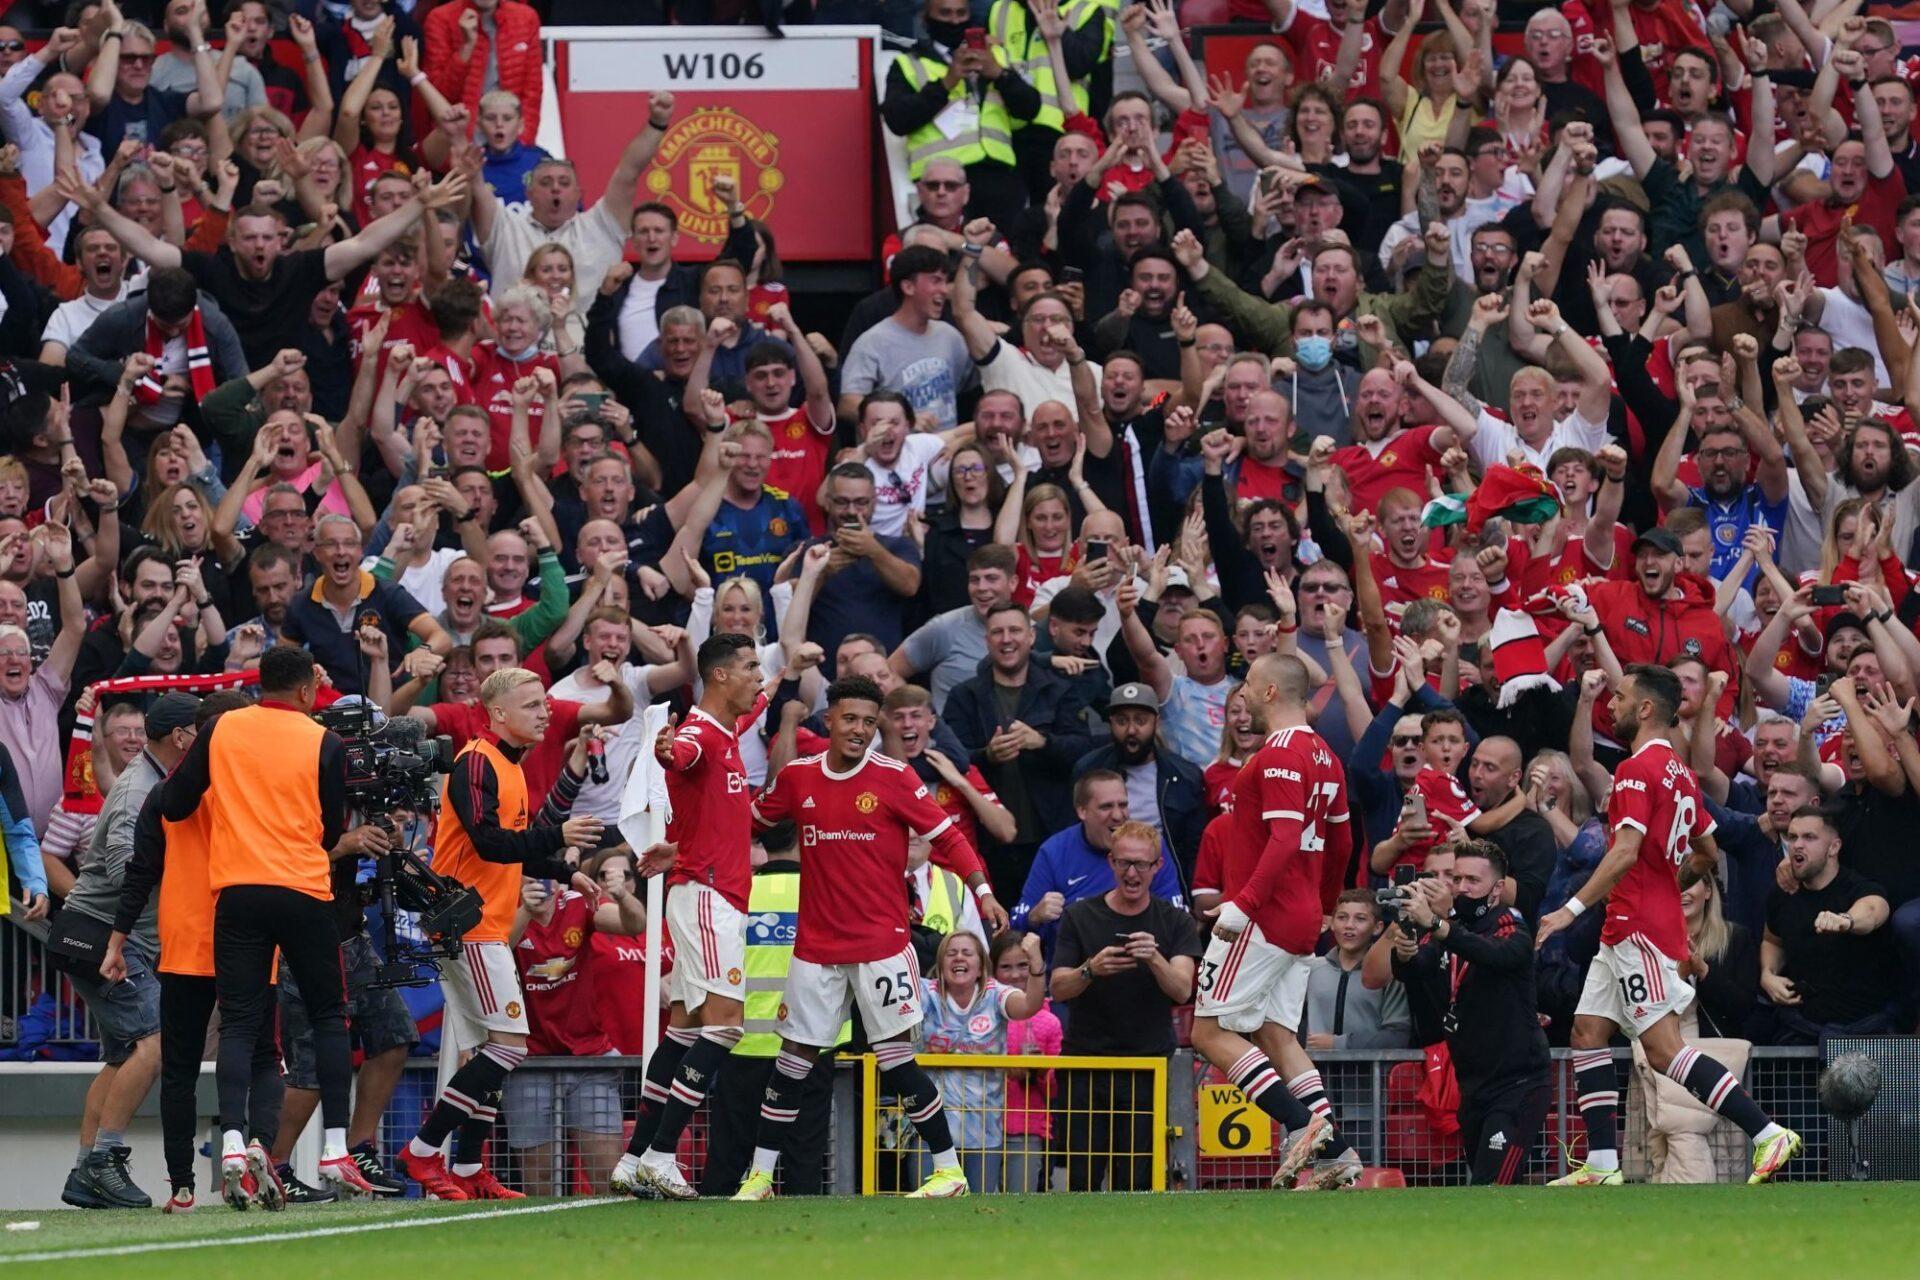 C'est la fête à Old Trafford : Cristiano Ronaldo a signé son retour par un doublé et Manchester United est leader de Premier League. Icon Sport